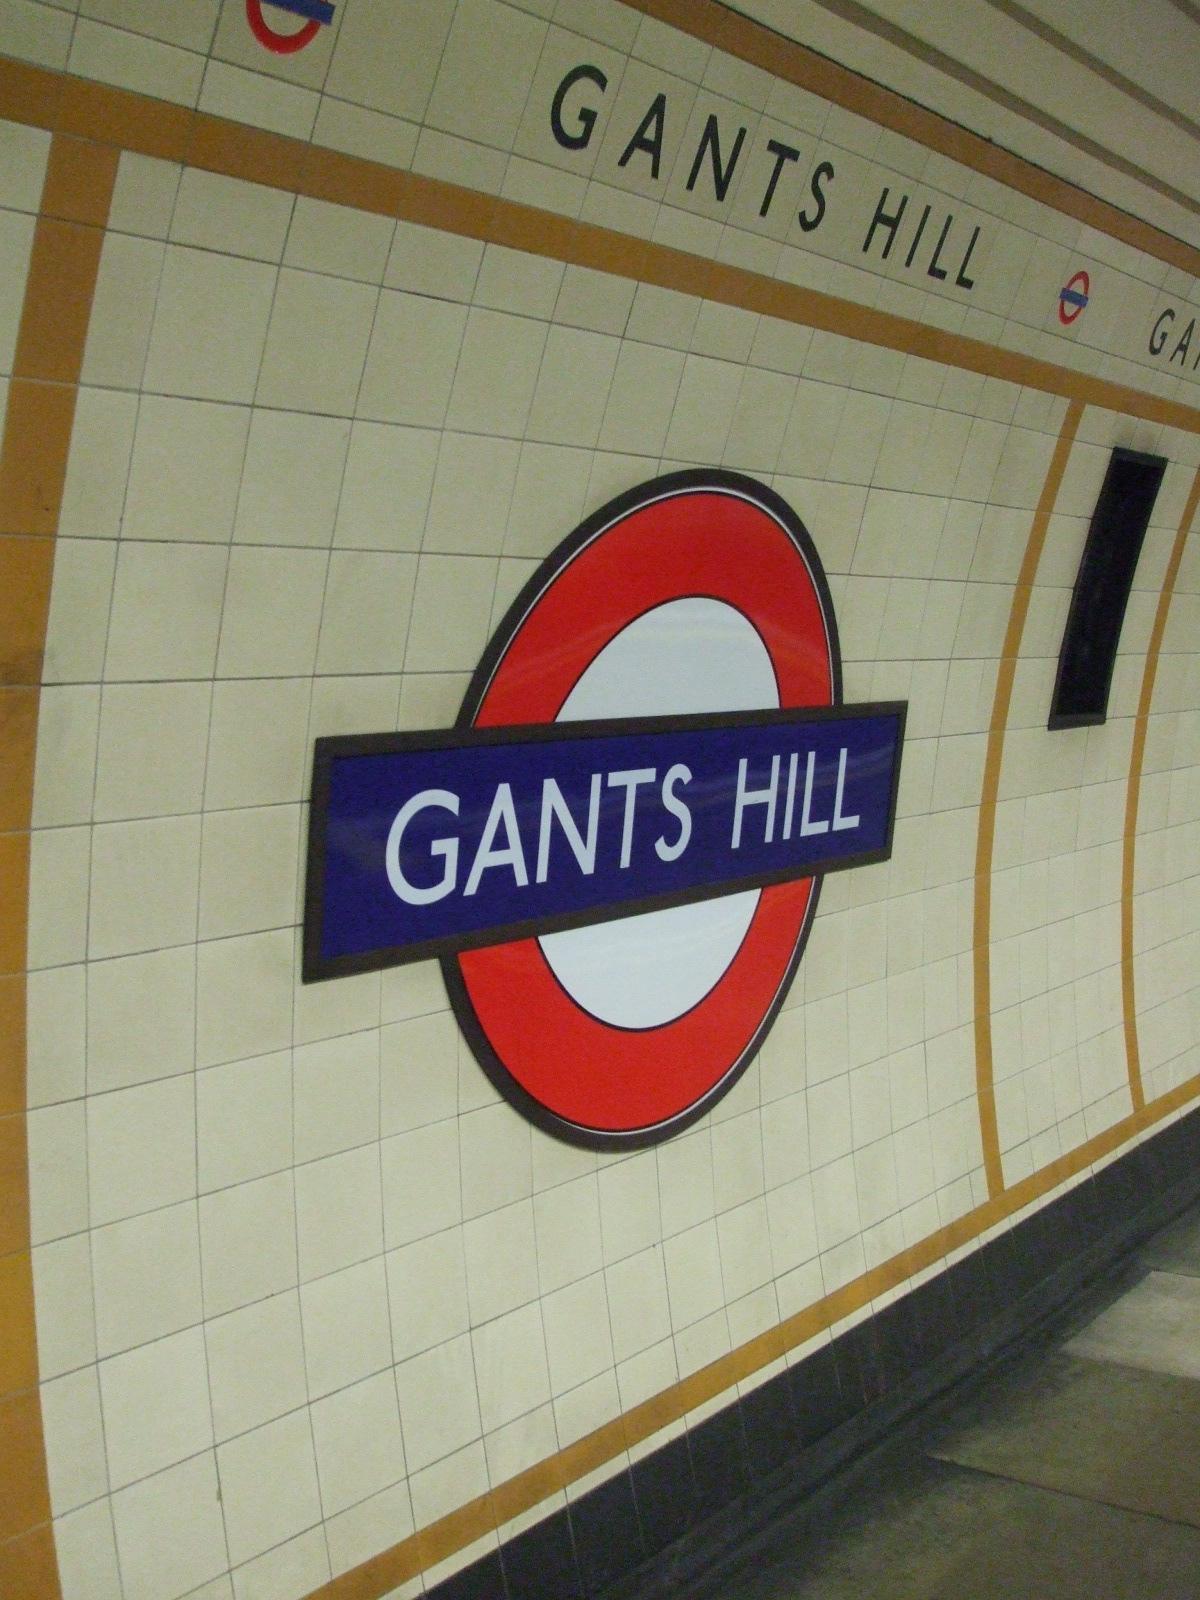 Gants Hill Tube Station London